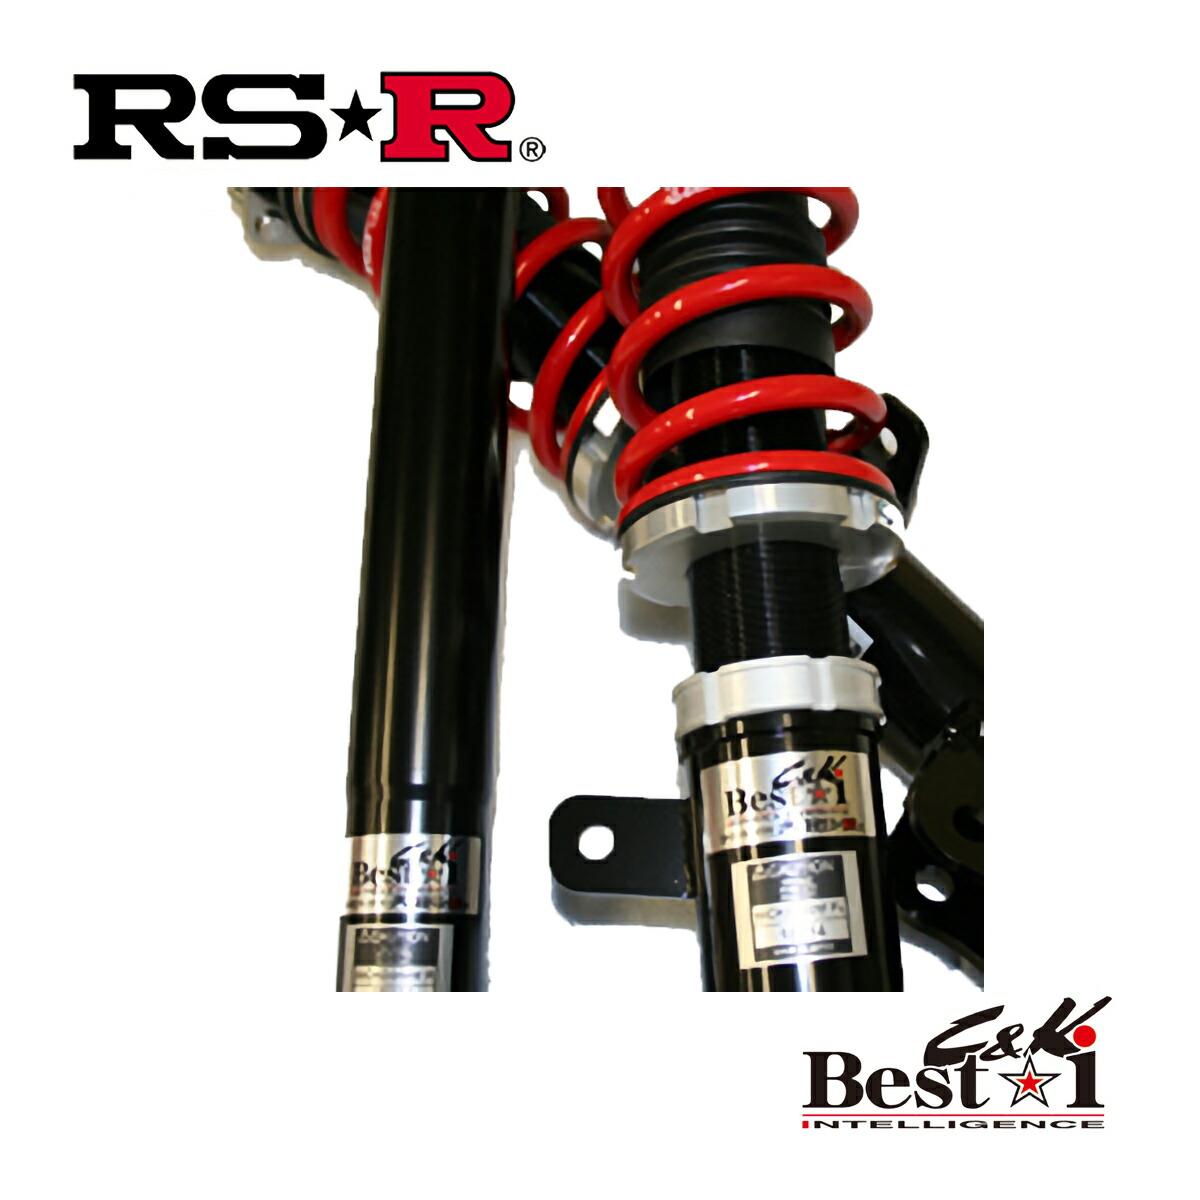 RS-R ワゴンRスティングレー ハイブリッドT MH55S 車高調 リア車高調整 ネジ式 BICKS174M ベストi C&K RSR 個人宅発送追金有